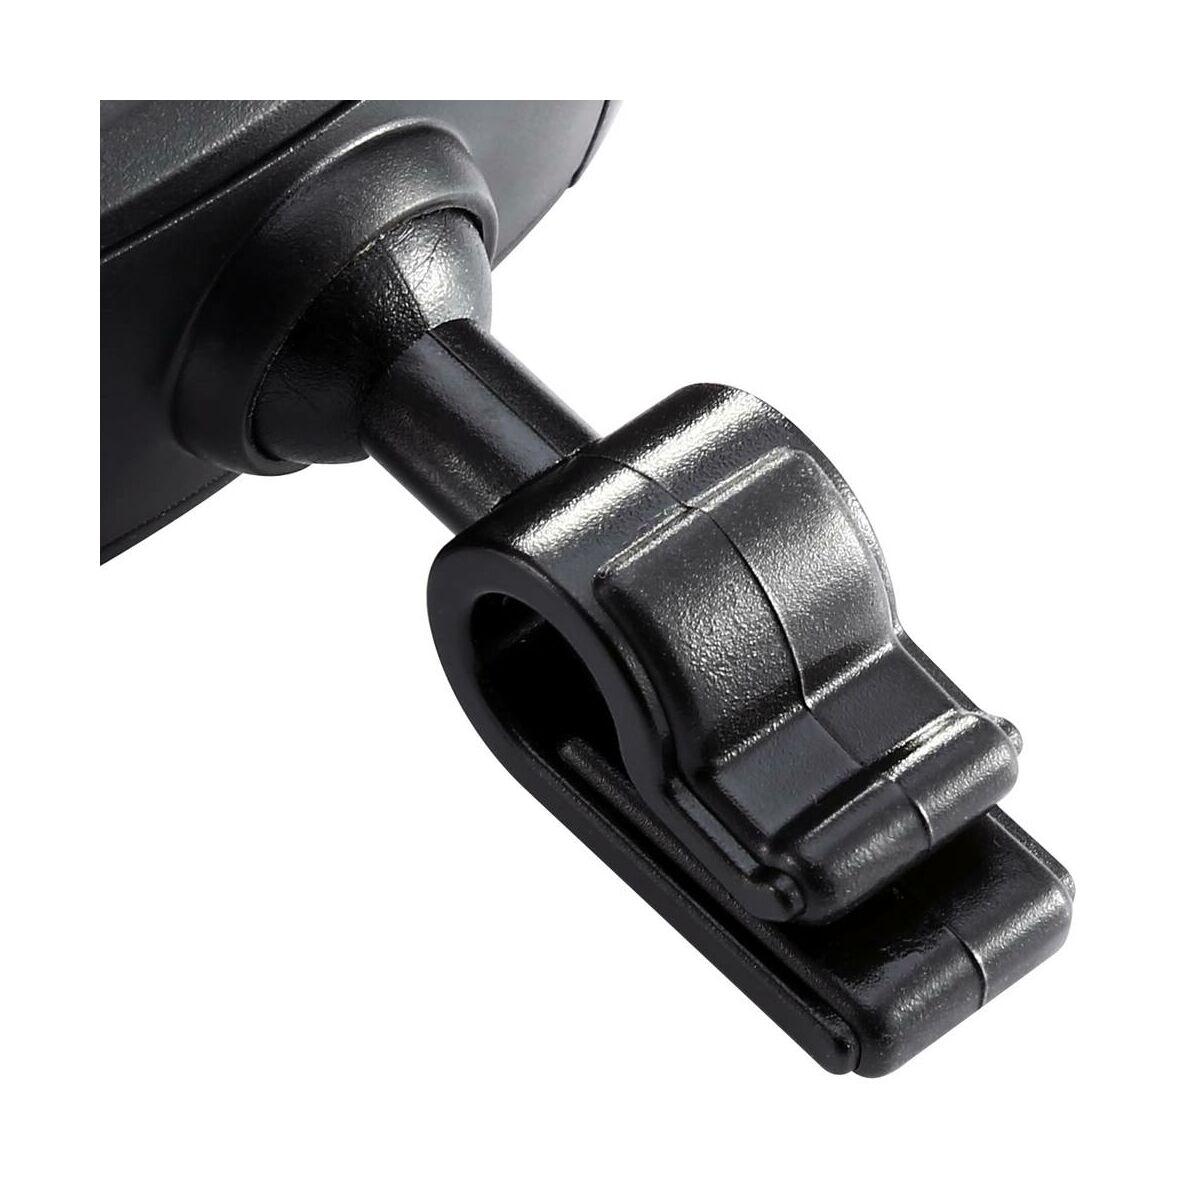 Baseus autós telefontartó, Stable Series, szellőzőrácsra, csak oldal tartó funkcióval, fekete (SUGX-01)